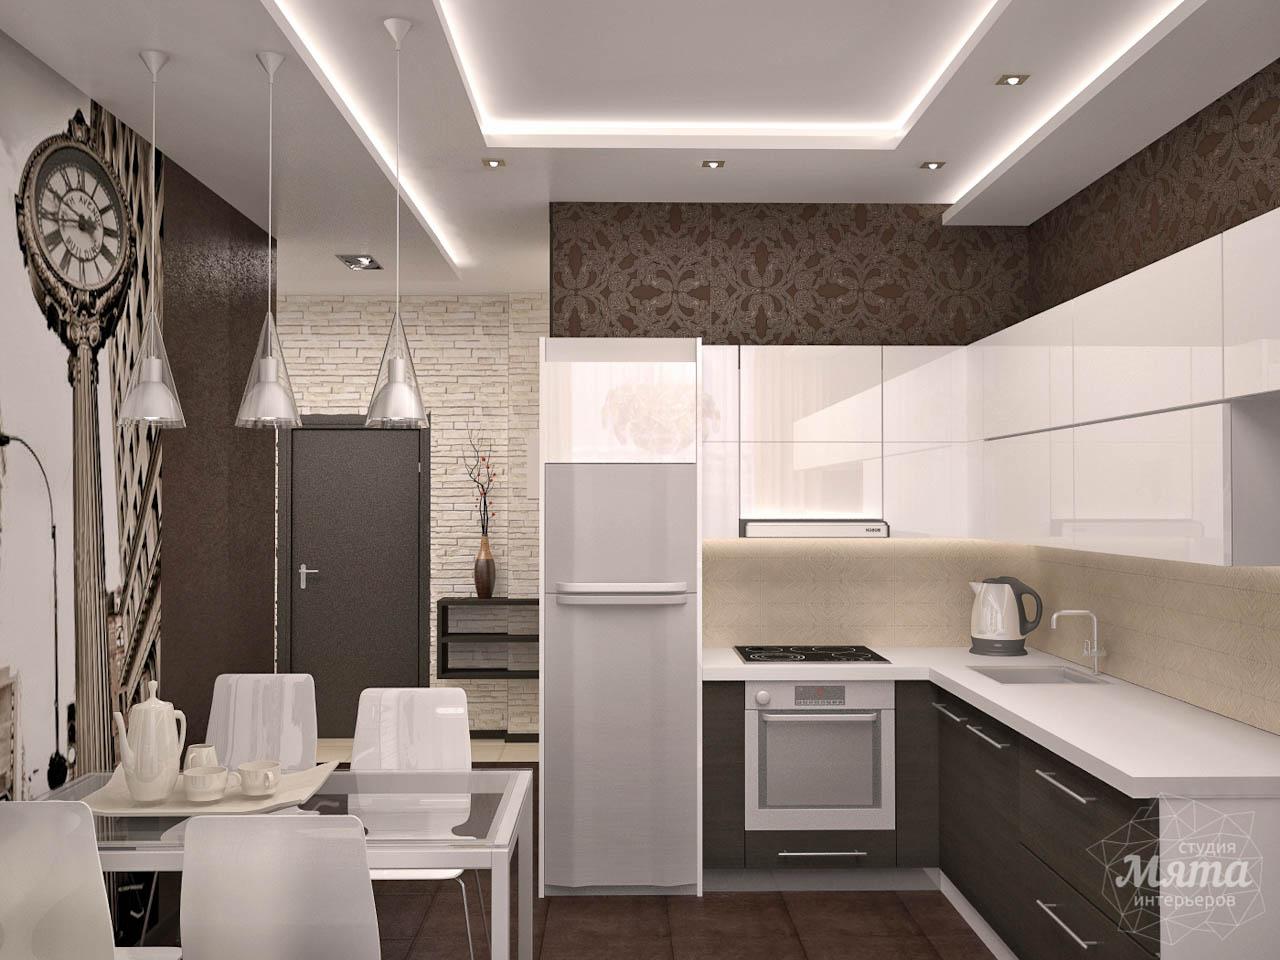 Дизайн интерьера трехкомнатной квартиры по ул. Папанина 18 img949616733